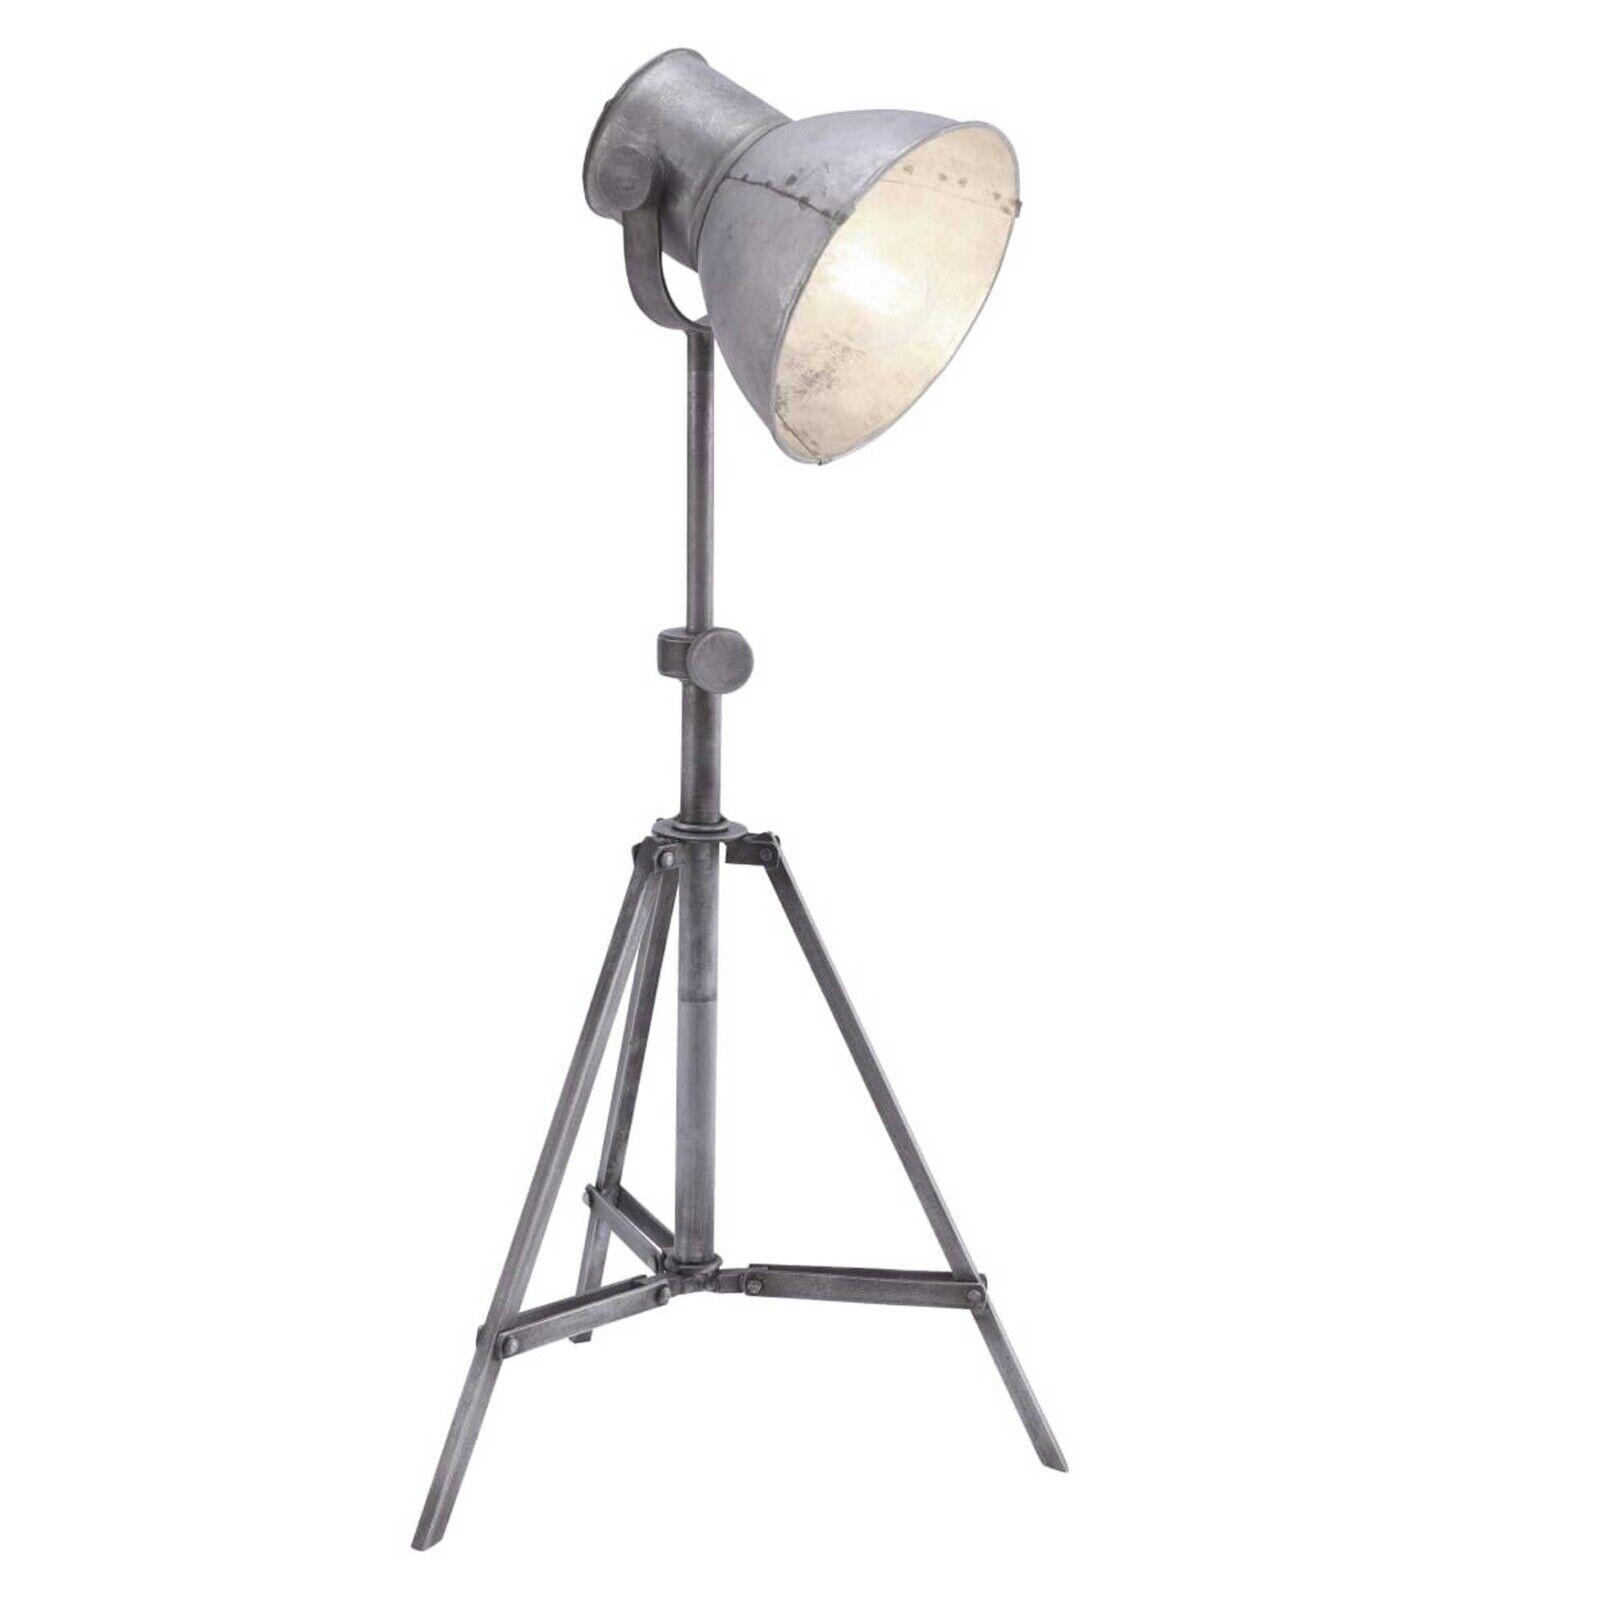 Lampadaire style rétro vintage fer design e27 moderne luminaire lampe